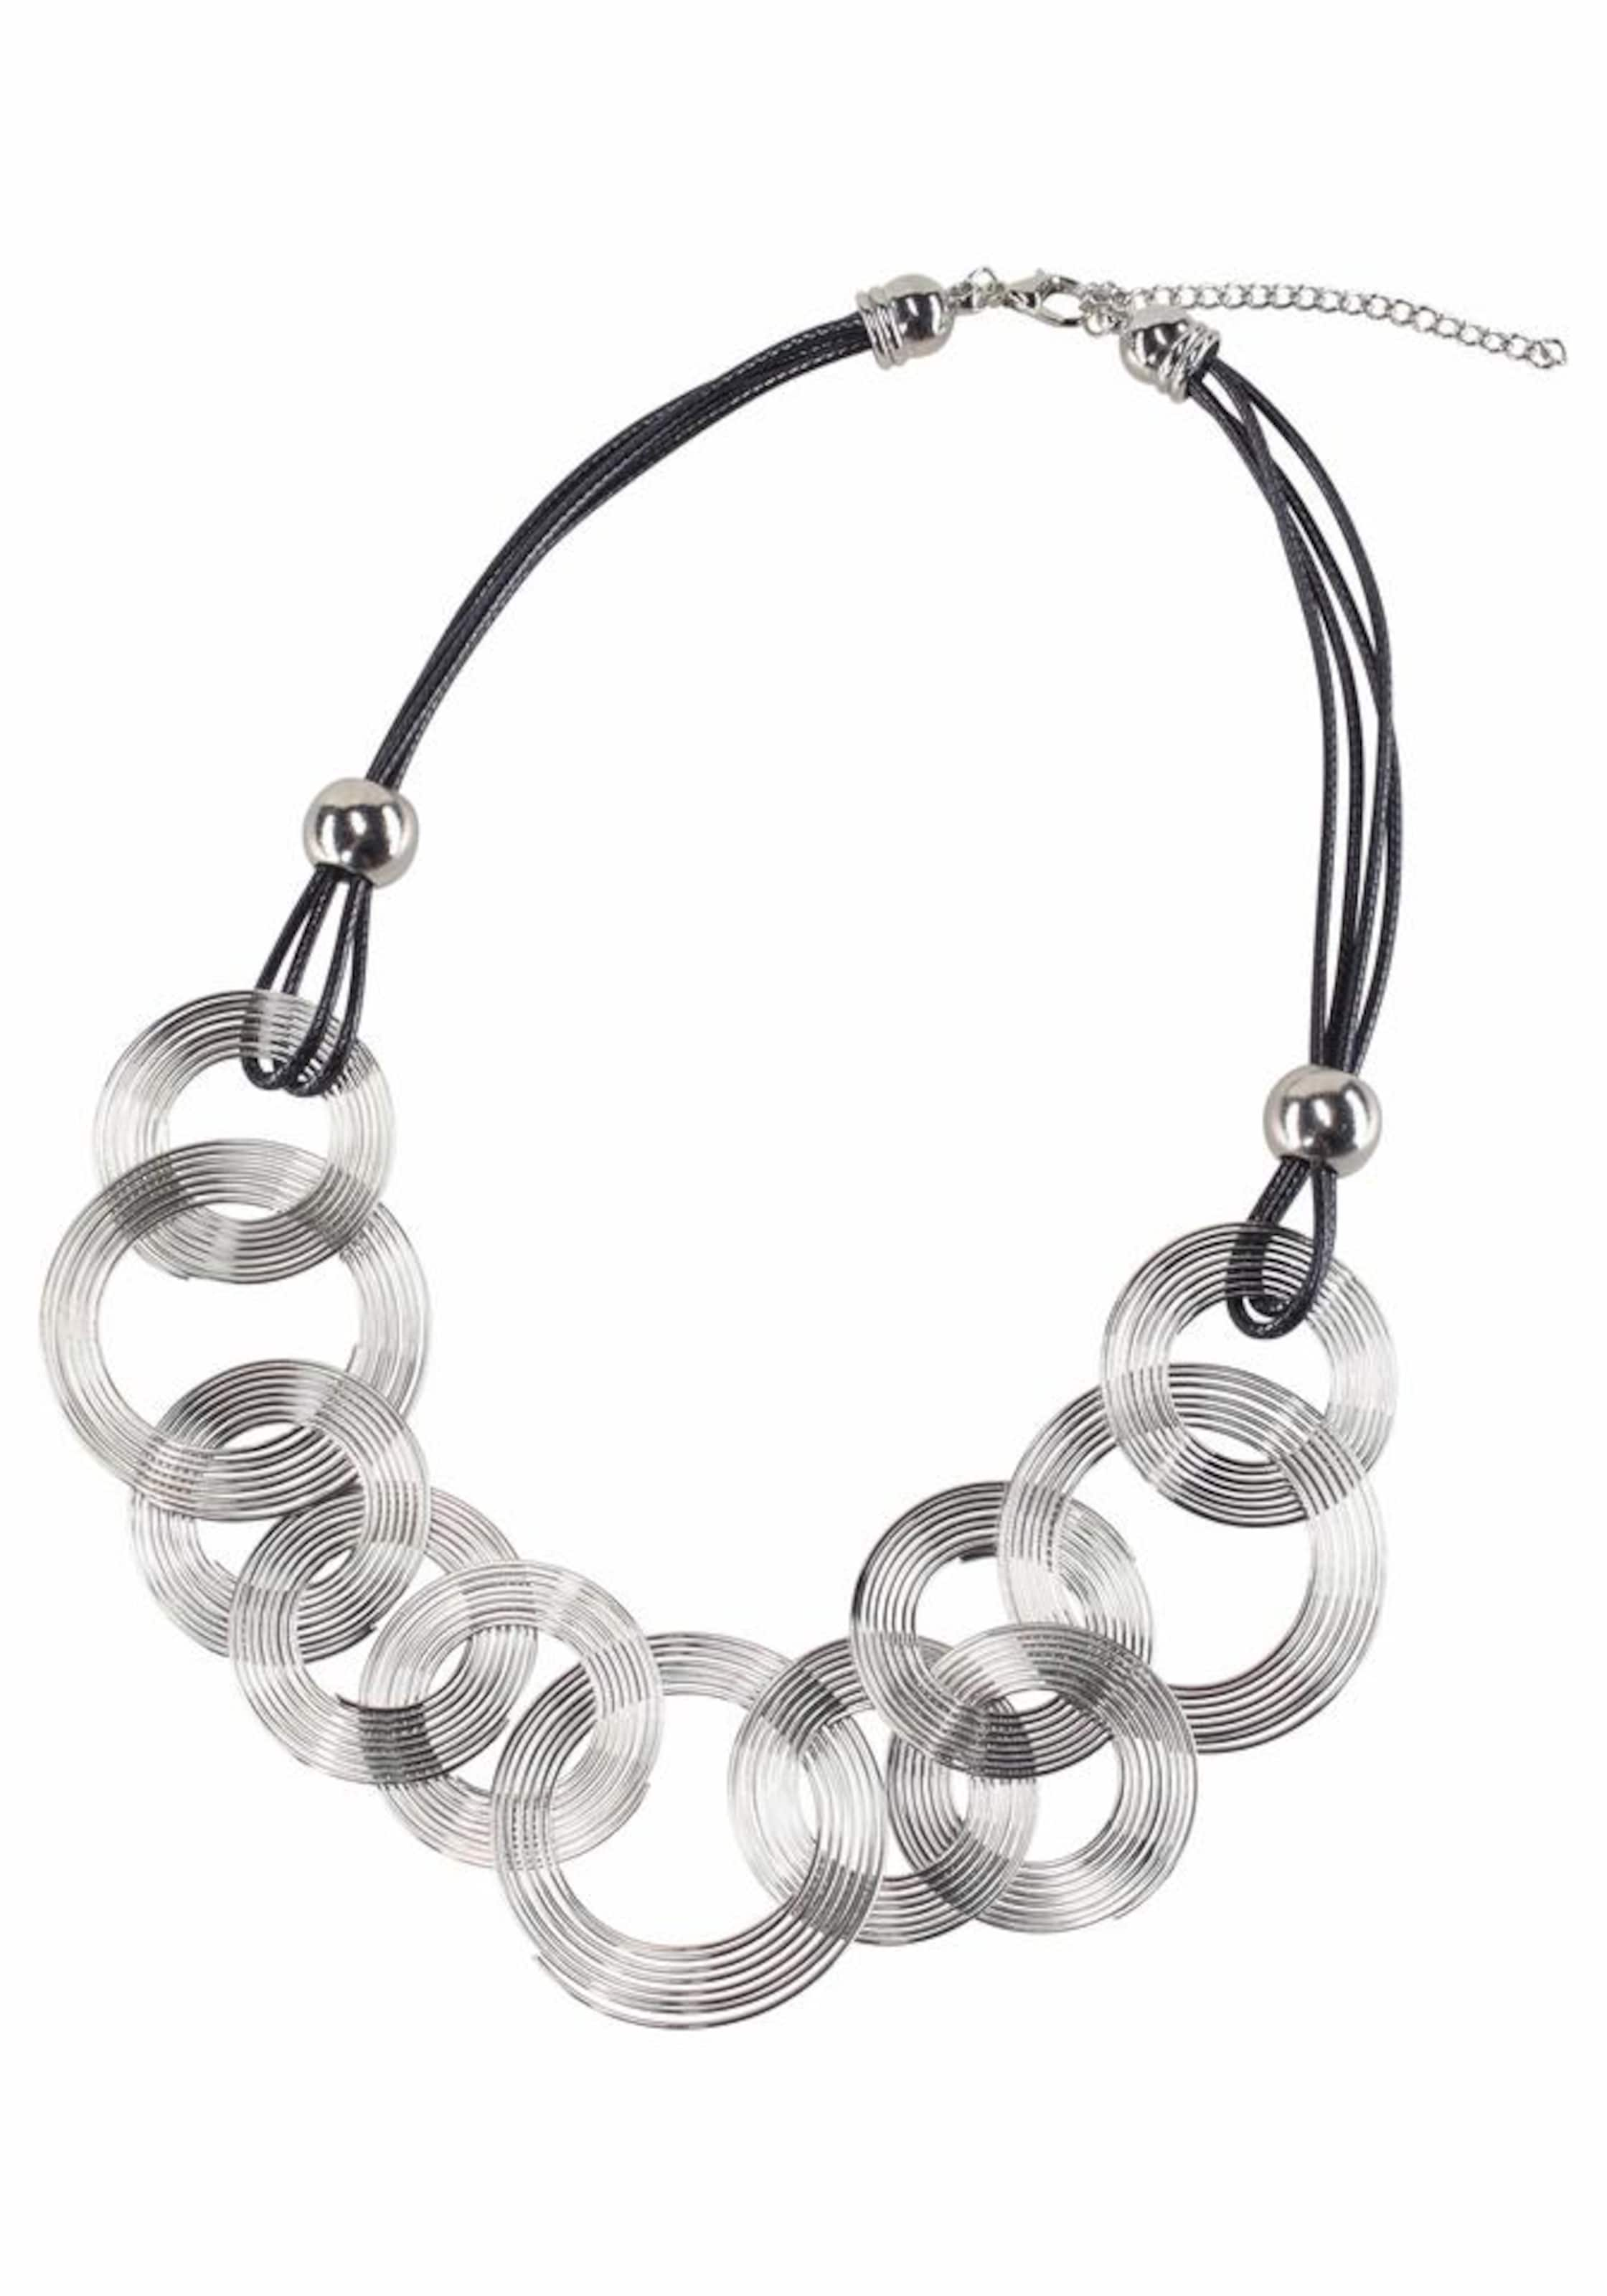 Silber JJayz JJayz In In Halsband Halsband TluFK3J1c